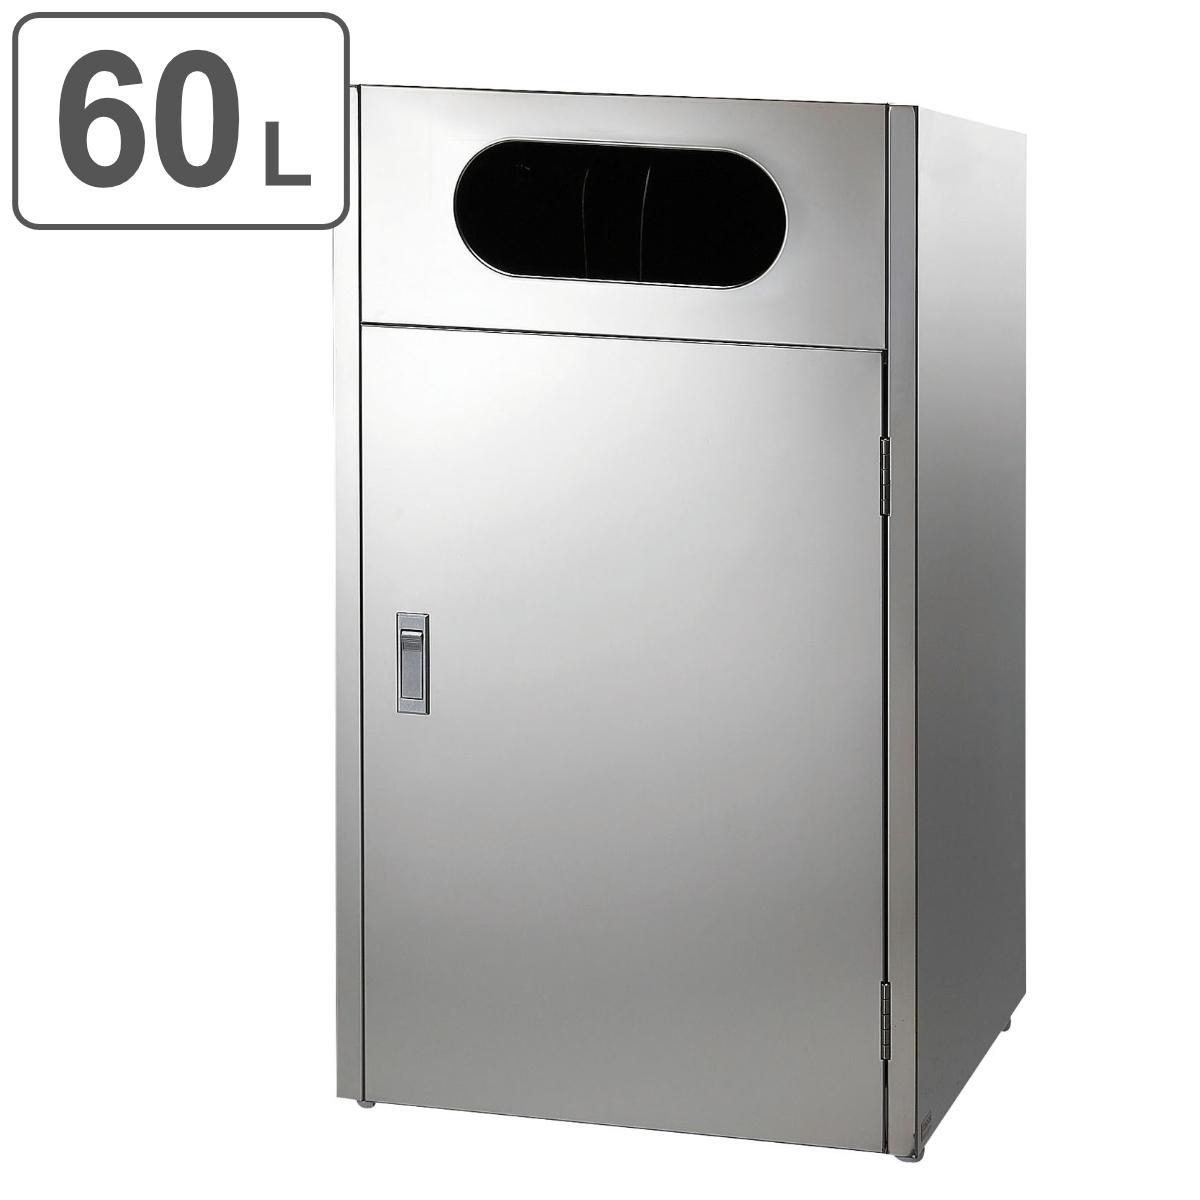 ゴミ箱 リサイクルボックス MT L1 送料無料